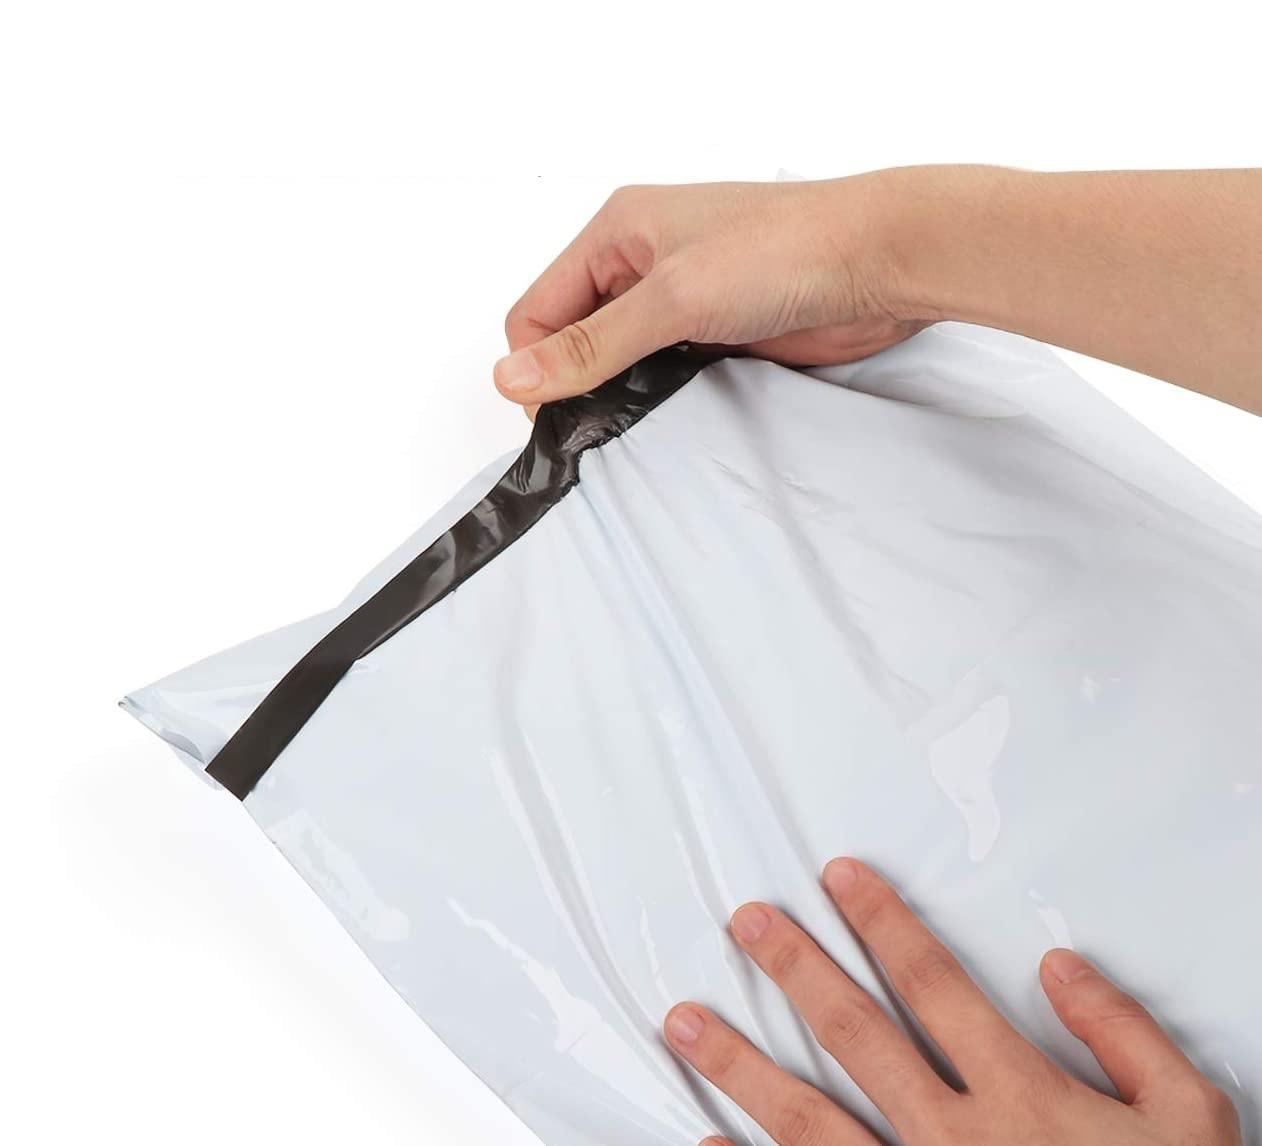 البلاستيك الارسال الشحن حزمة المغلف حقيبة ذاتية اللصق الأبيض بولي كورييه حقيبة المنتج حقيبة التعبئة والتغليف